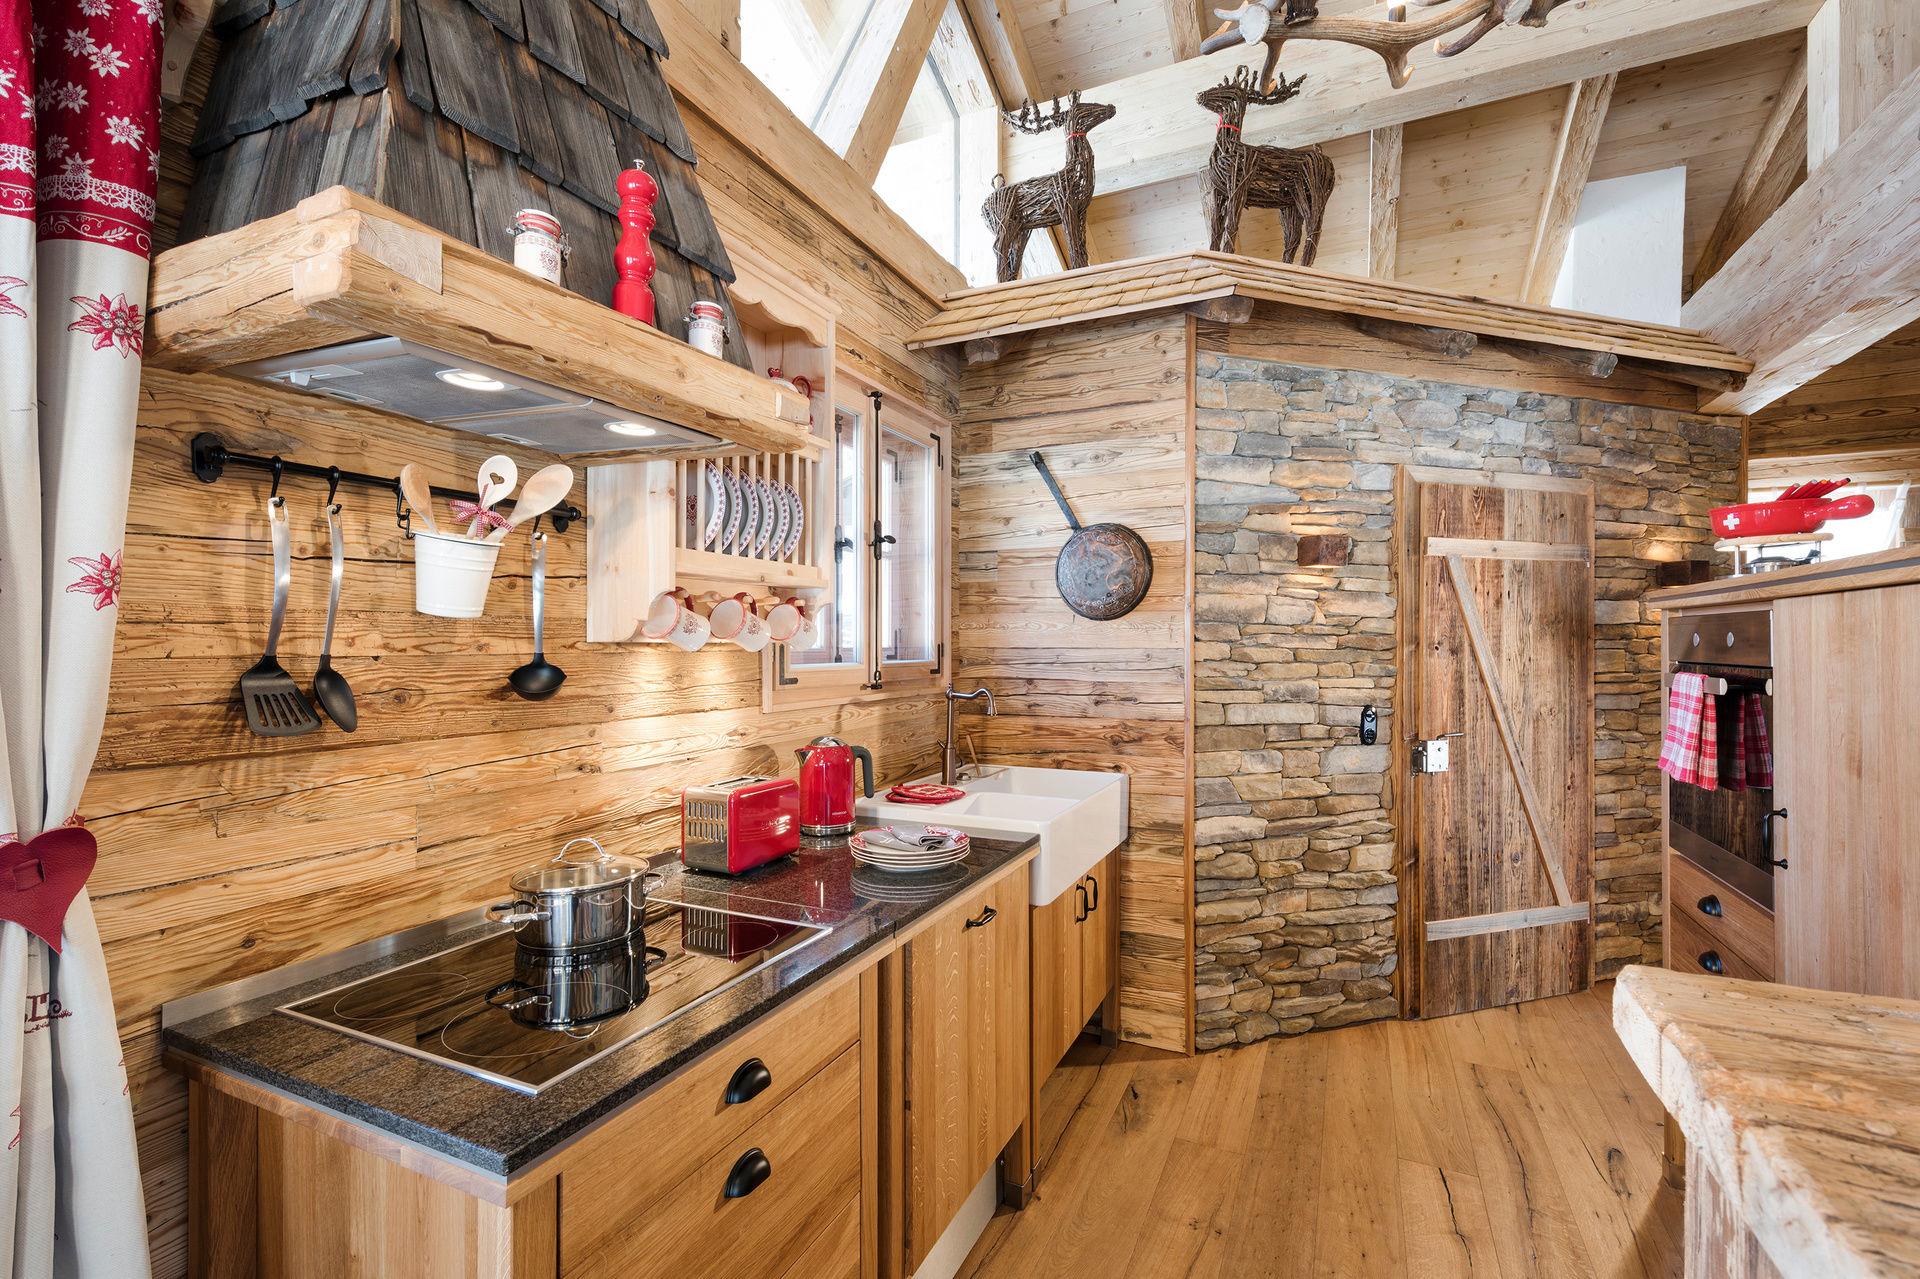 Luxuriöses RomantikChalet KuschelChalet Luxus Chalet Tirol - Whirlpool im wohnzimmer